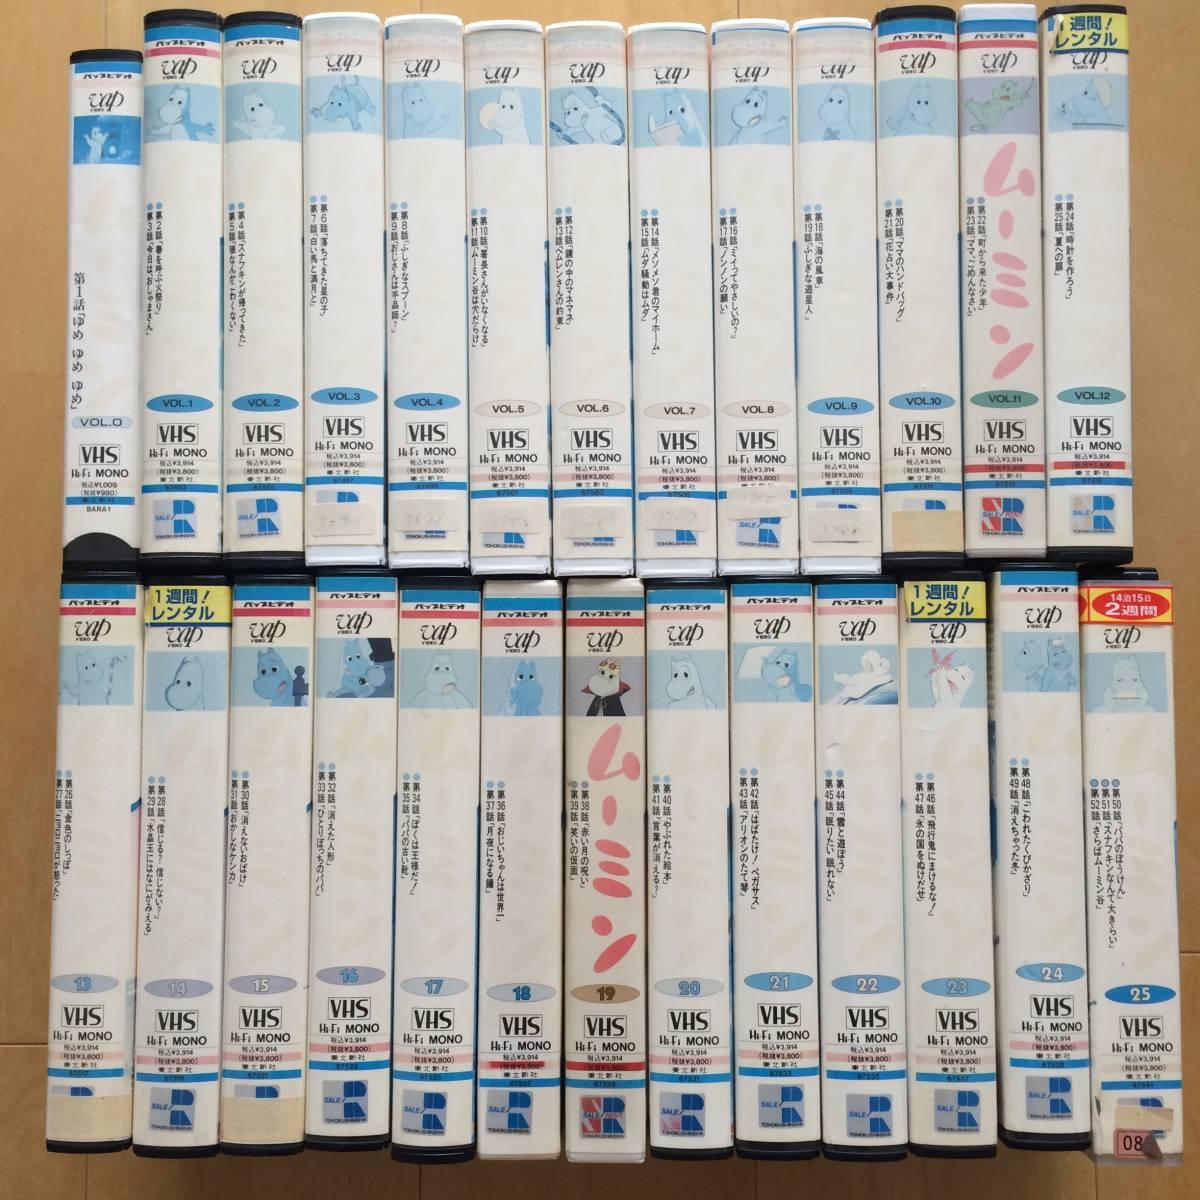 1972年版 ムーミン VHSビデオ 全26巻セット(Vol.0~Vol.25 レンタルアップ品) / 岸田今日子_画像2